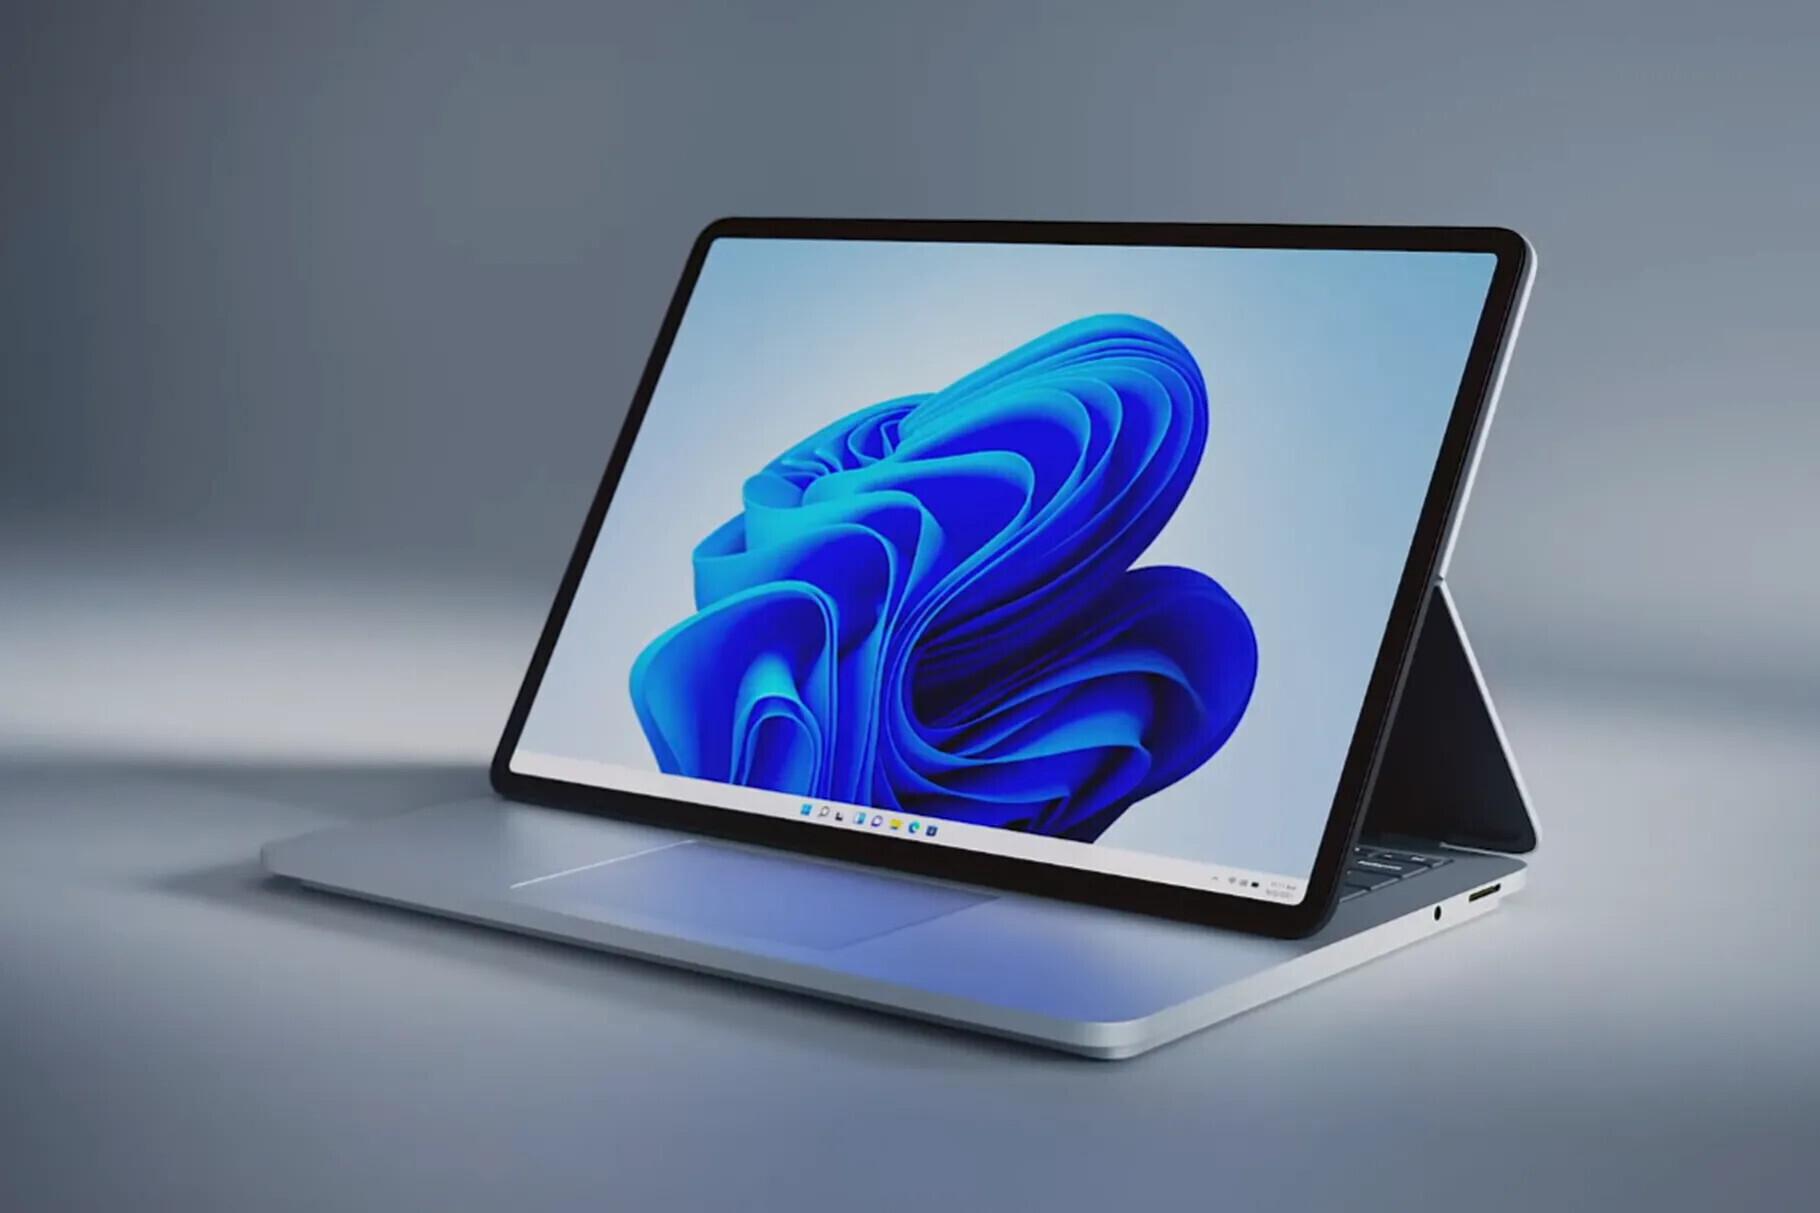 Коротко: ноутбук з екраном на шарнірі, смартфон Duo 2 з двома екранами та інші анонси Microsoft Fall 2021 - tech, news, gadzhety